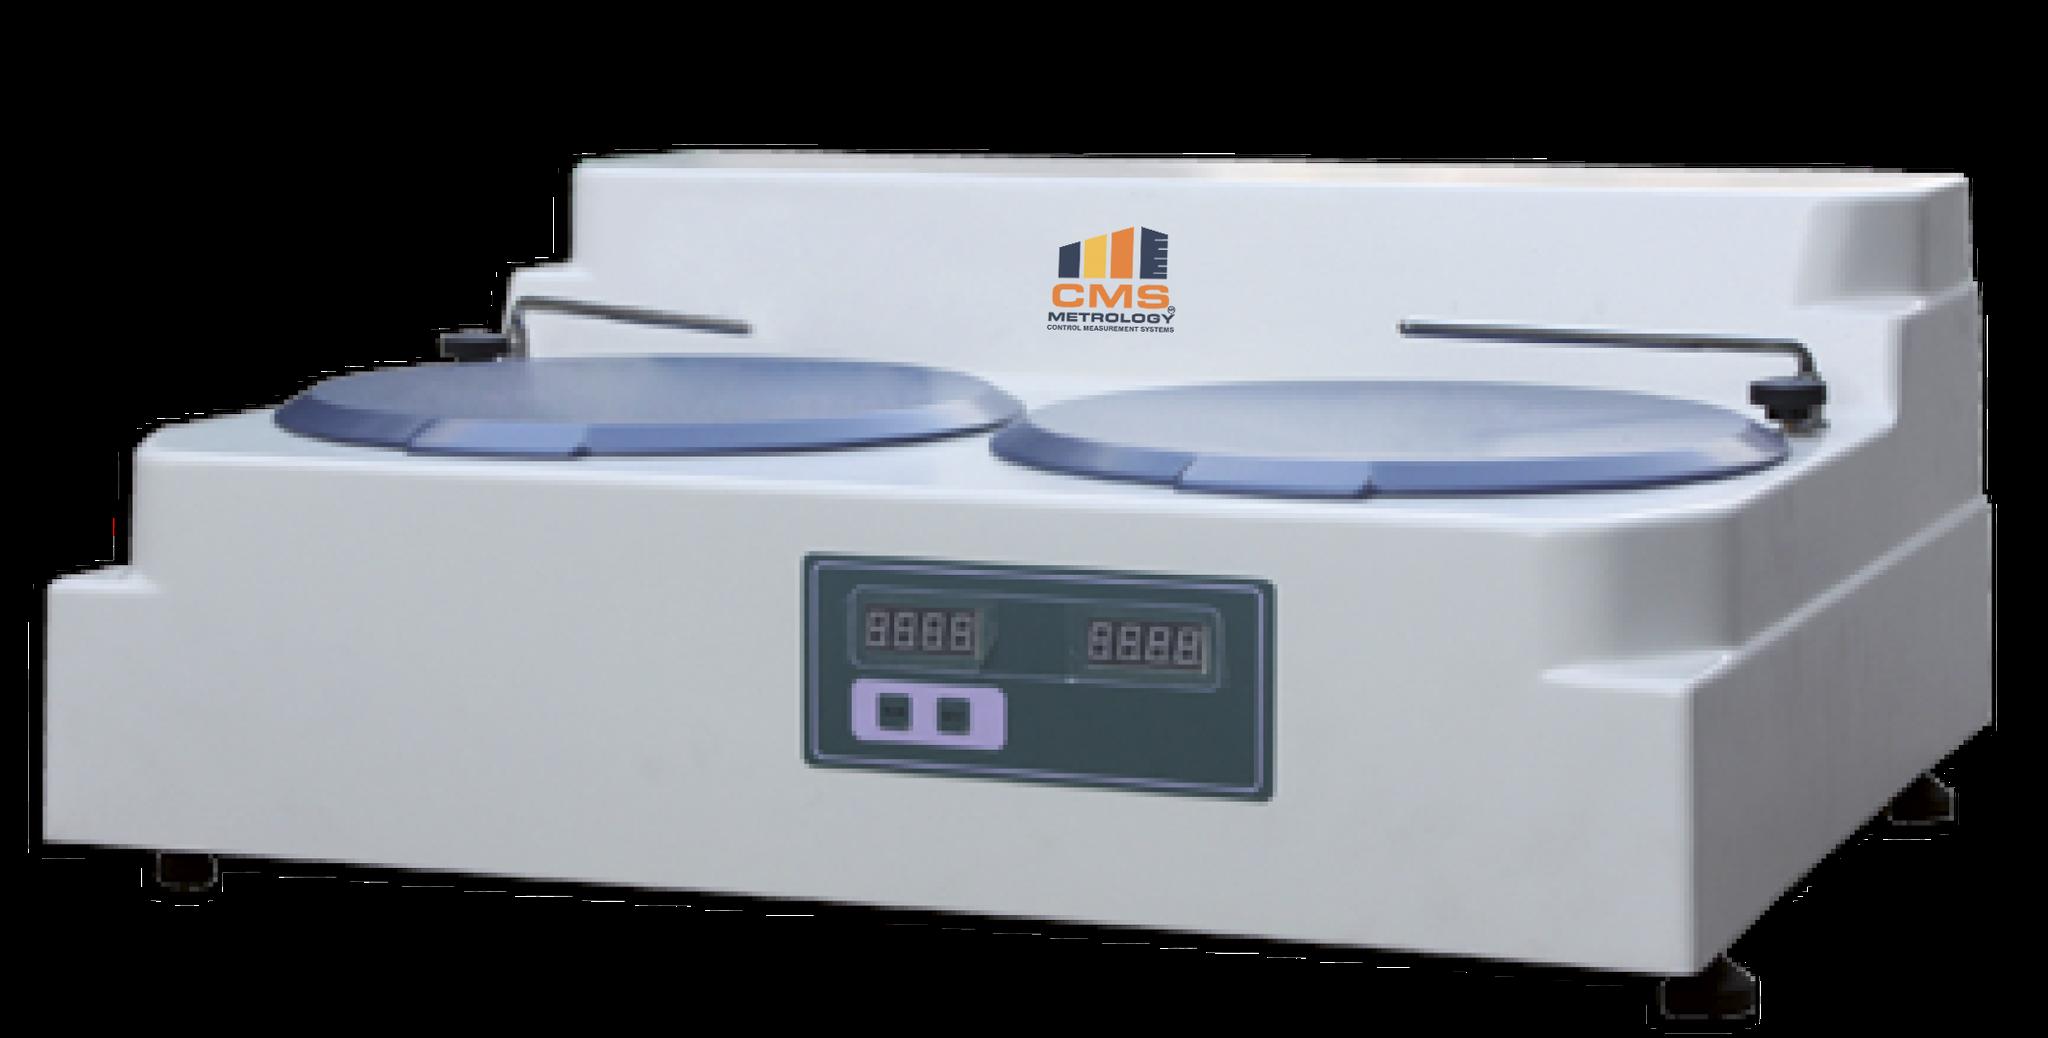 Pulidora/Lijadora para muestras metalográficas YMP-2B